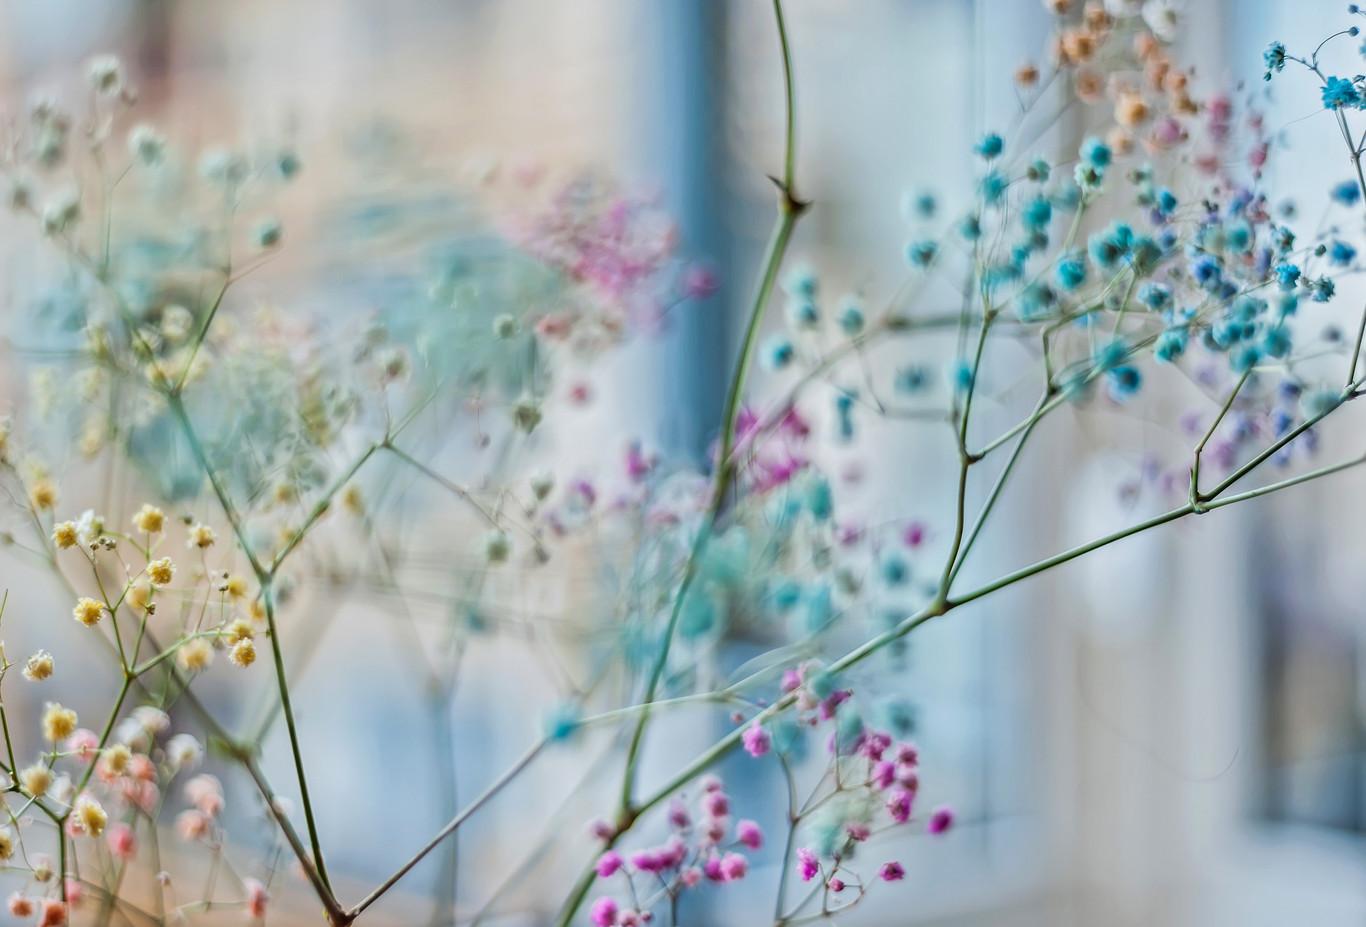 Blomster 008.jpg